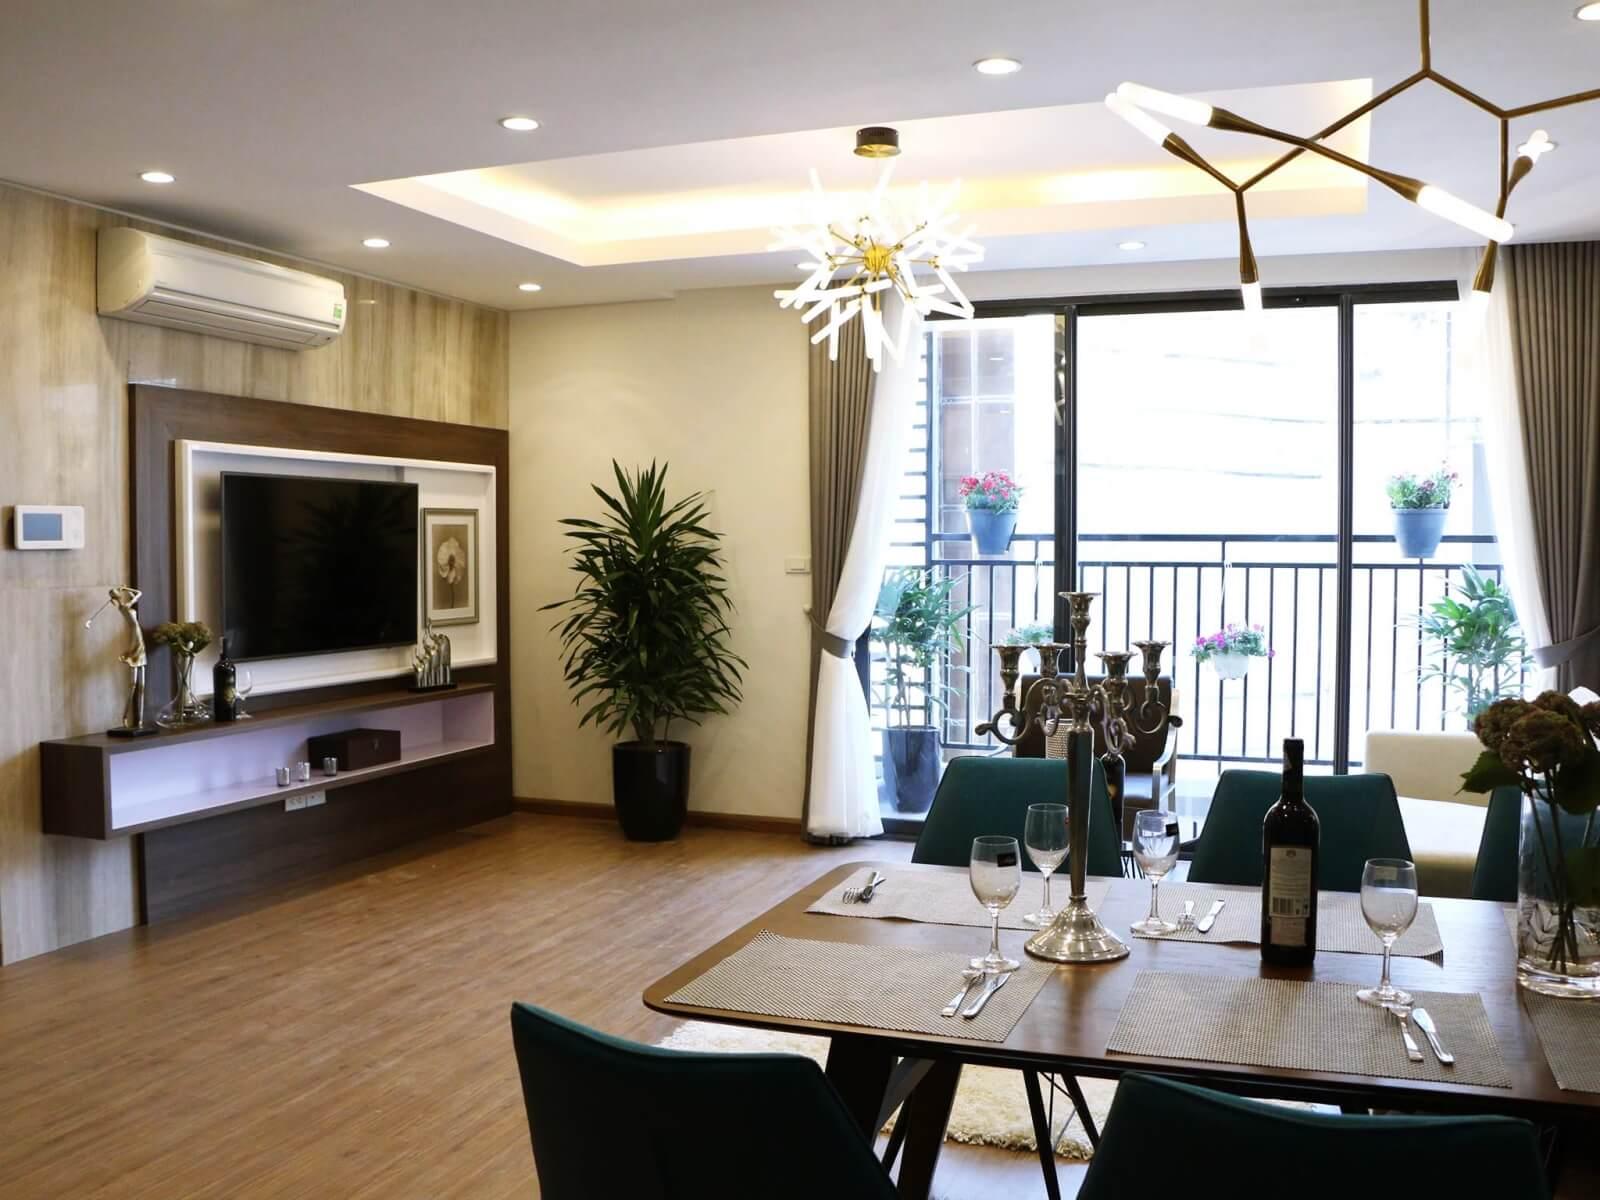 Nội thất căn hộ chung cư Vinata Tower